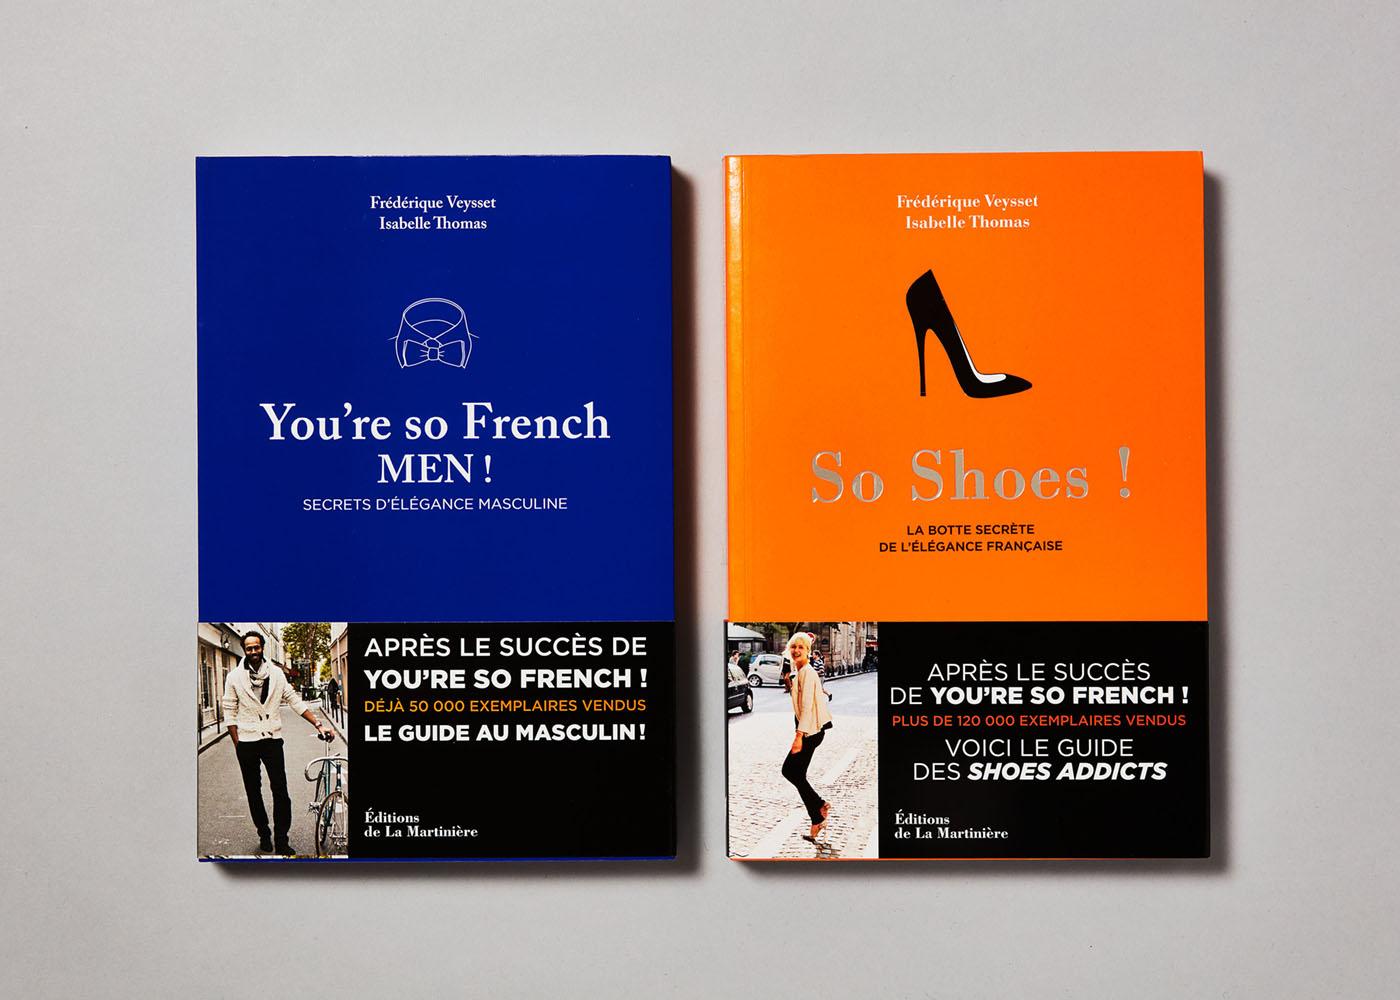 You're so French MEN! Livre Editions de La Martinière Frédérique Veyset So Shoes!